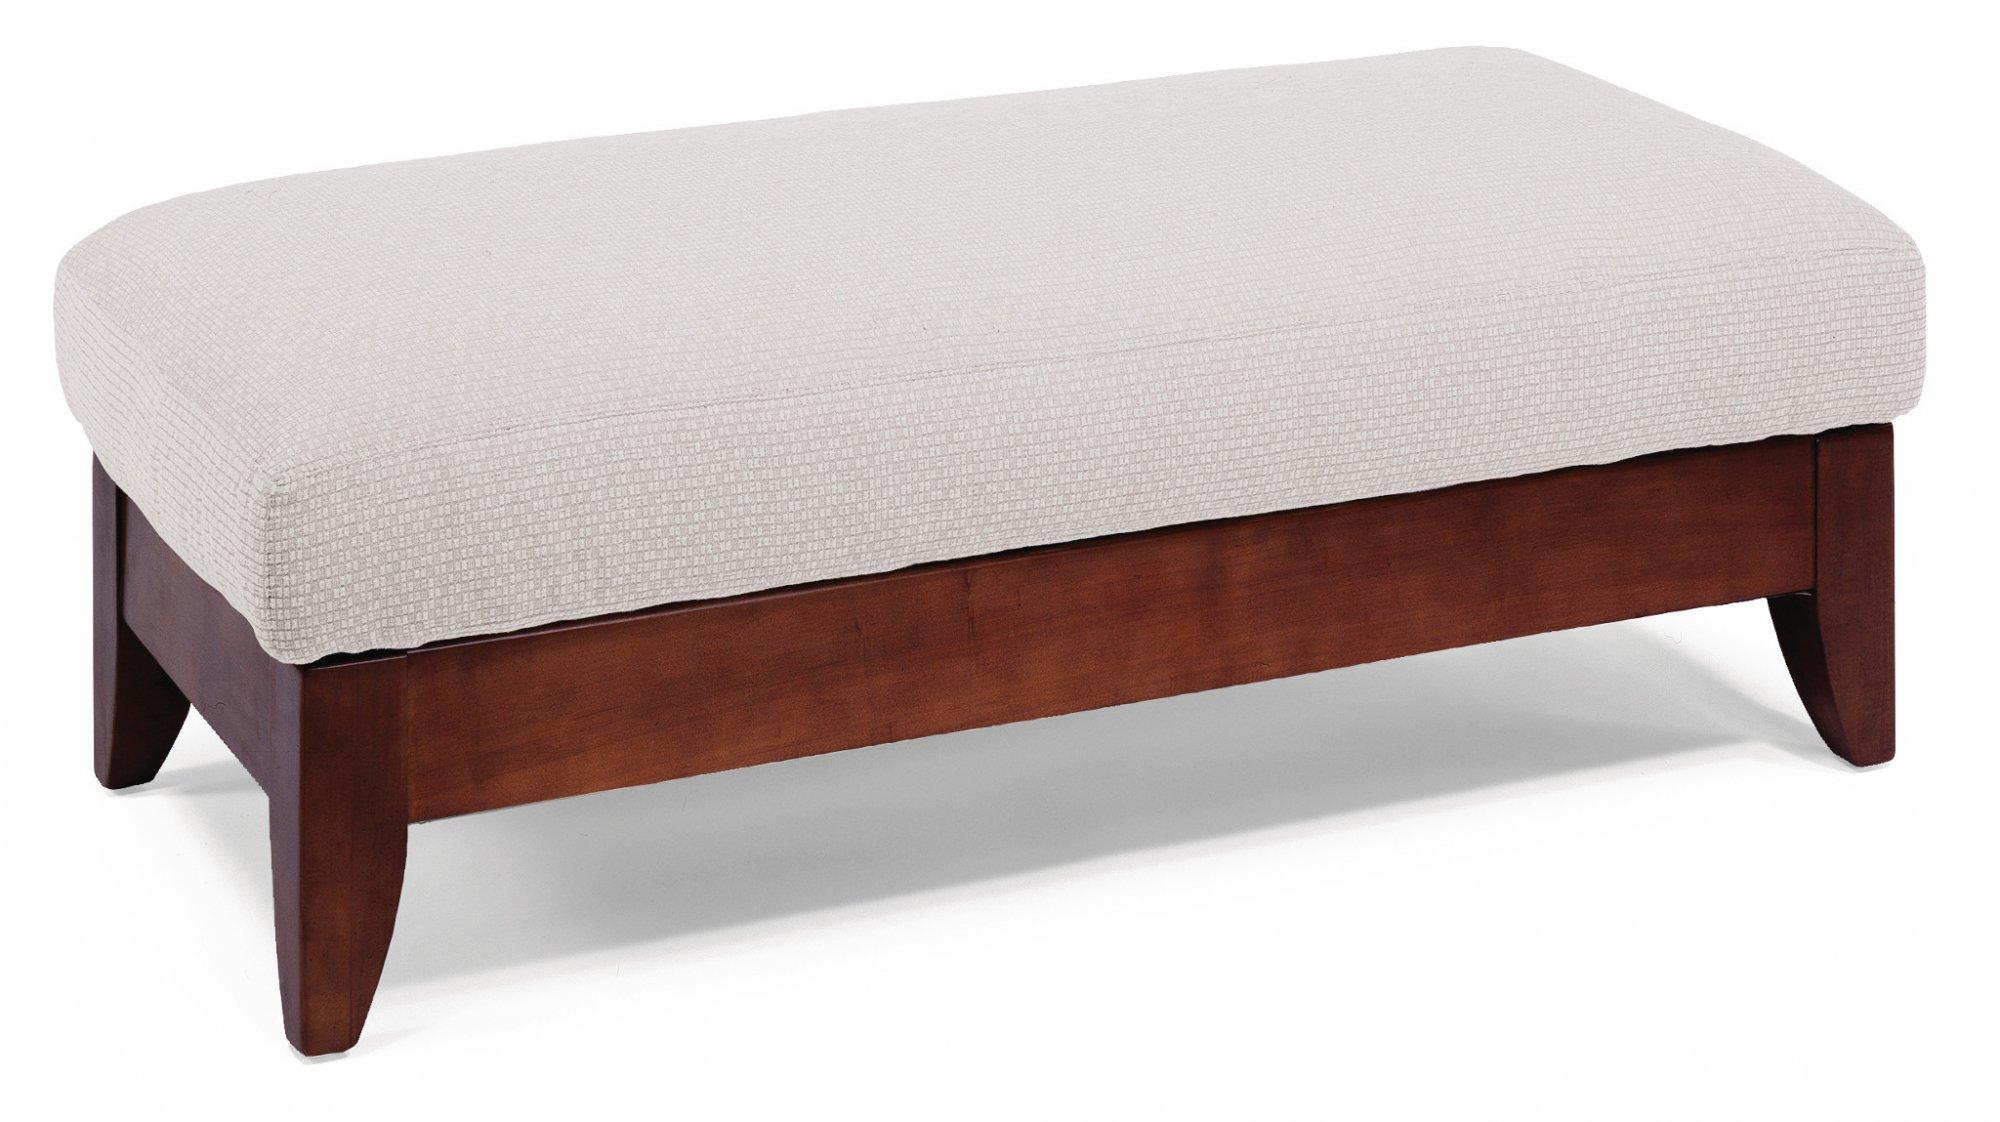 Flexsteel Propel  Bench